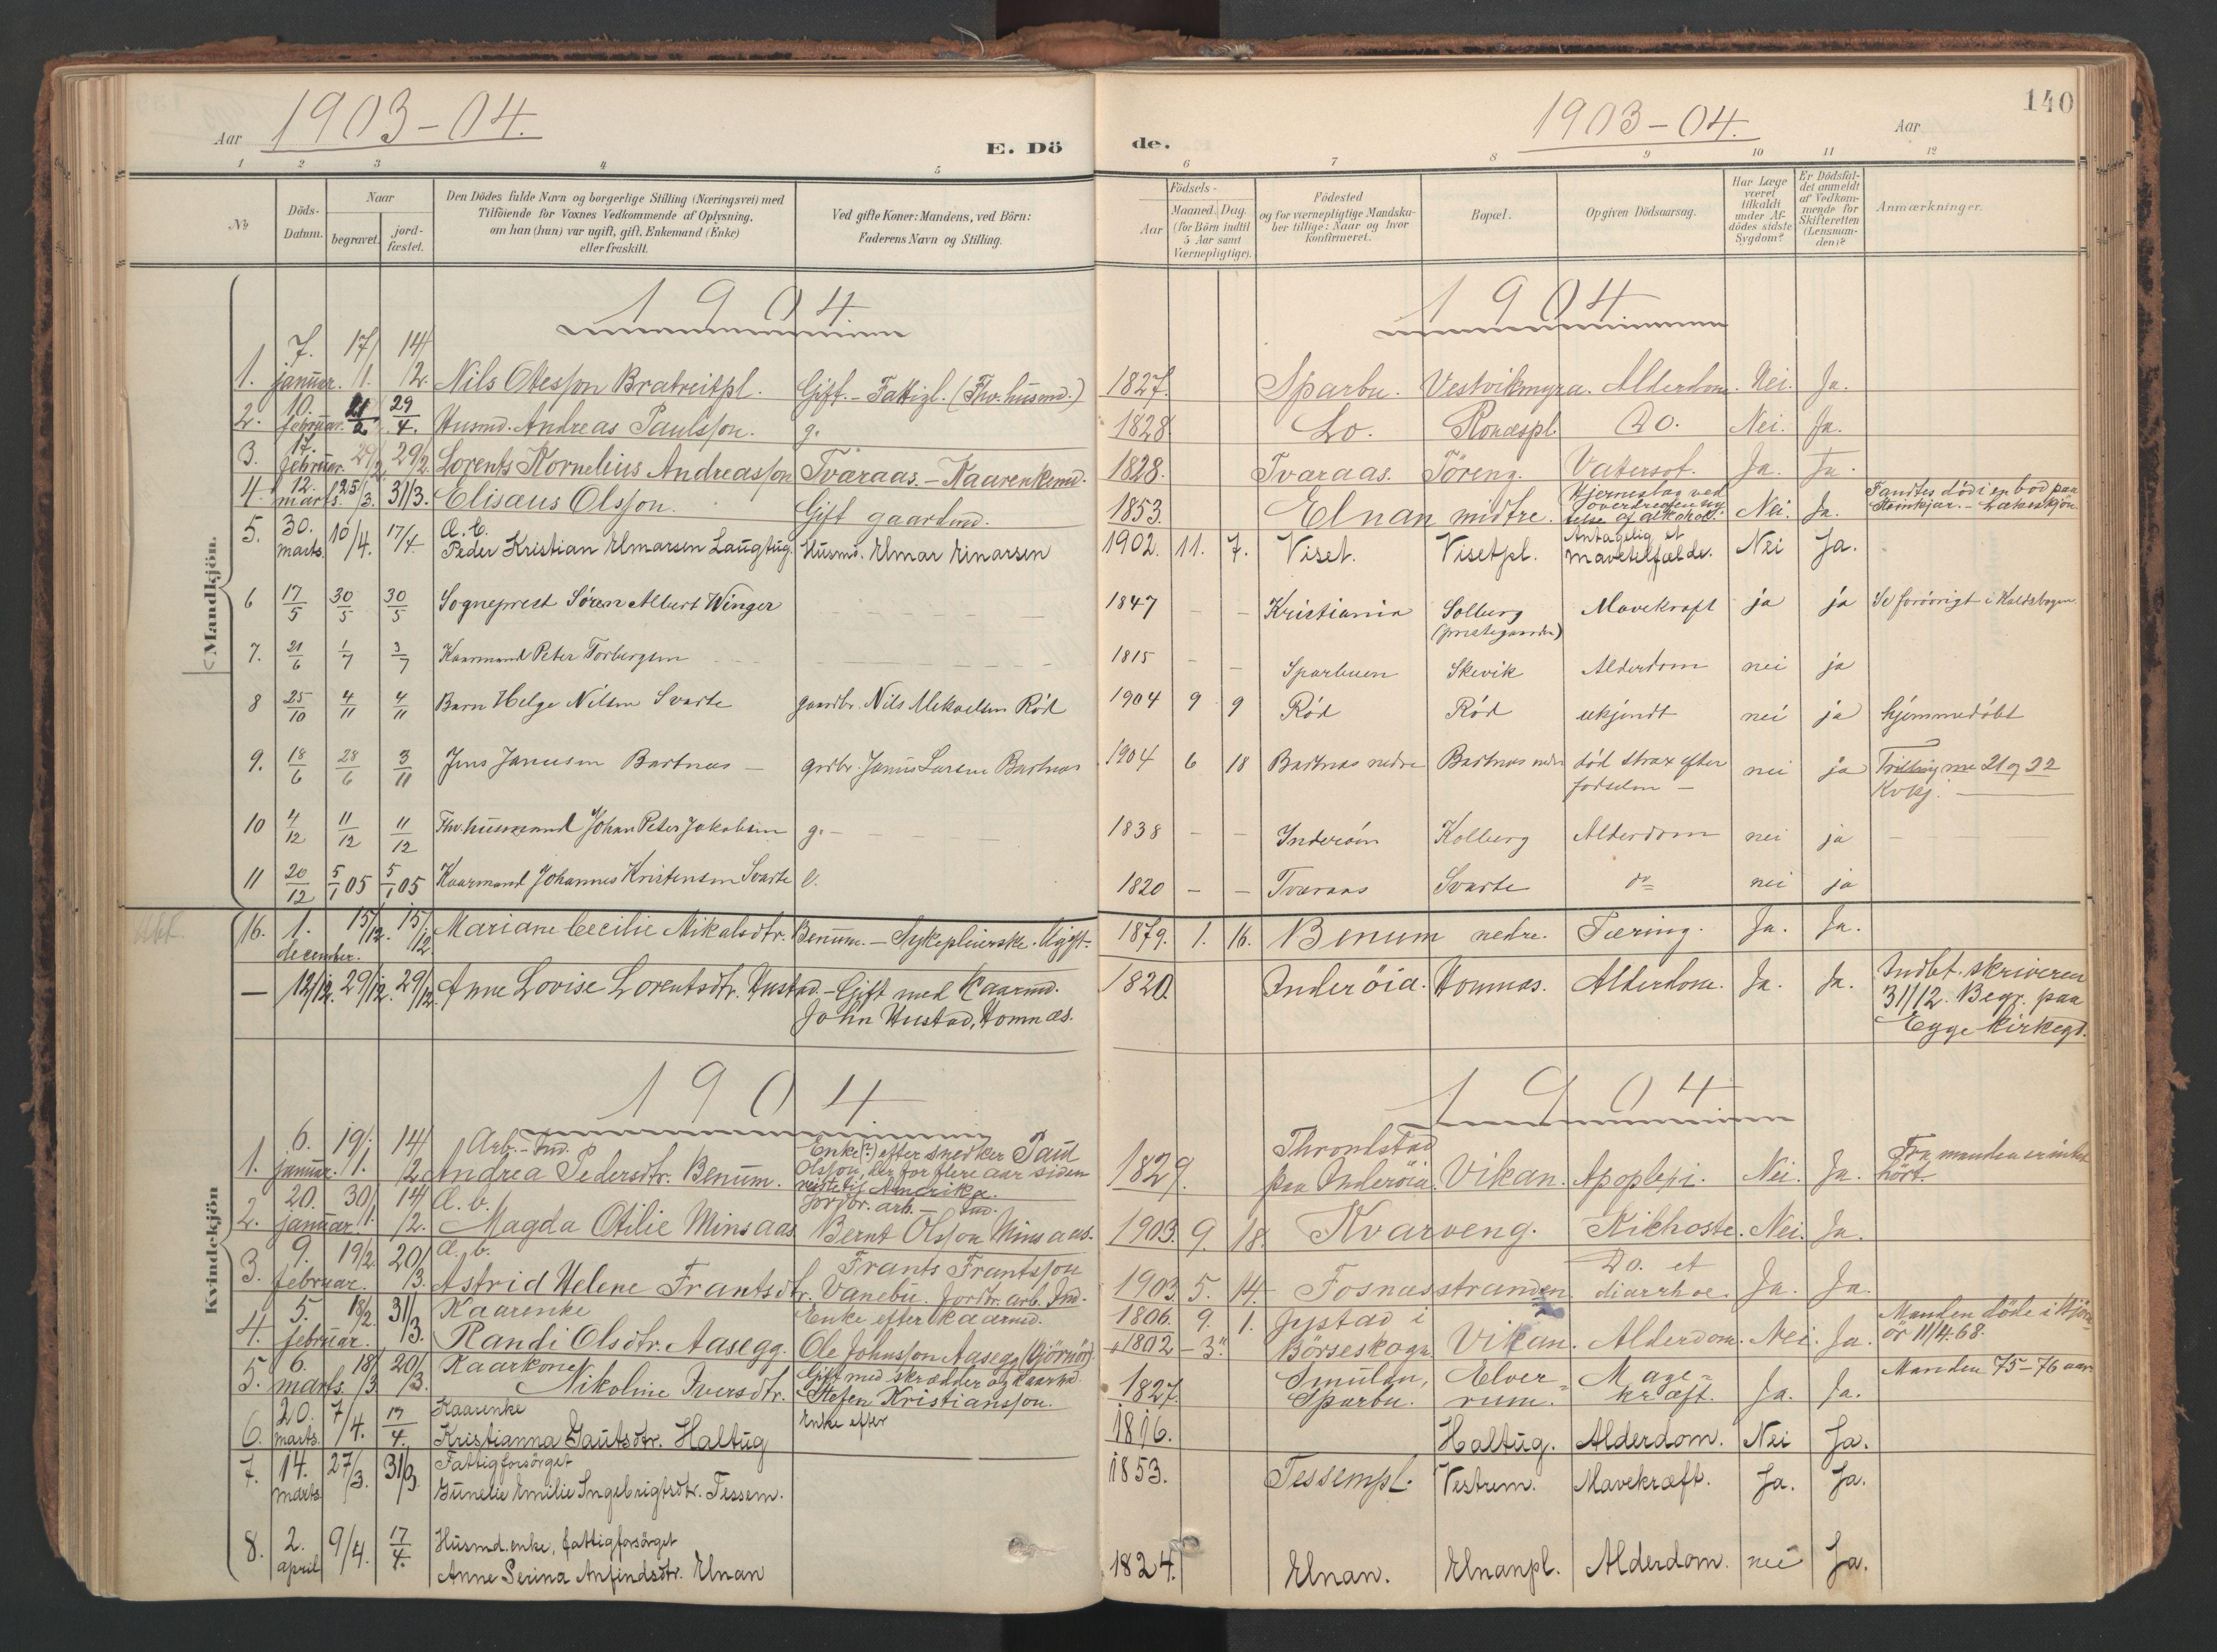 SAT, Ministerialprotokoller, klokkerbøker og fødselsregistre - Nord-Trøndelag, 741/L0397: Ministerialbok nr. 741A11, 1901-1911, s. 140